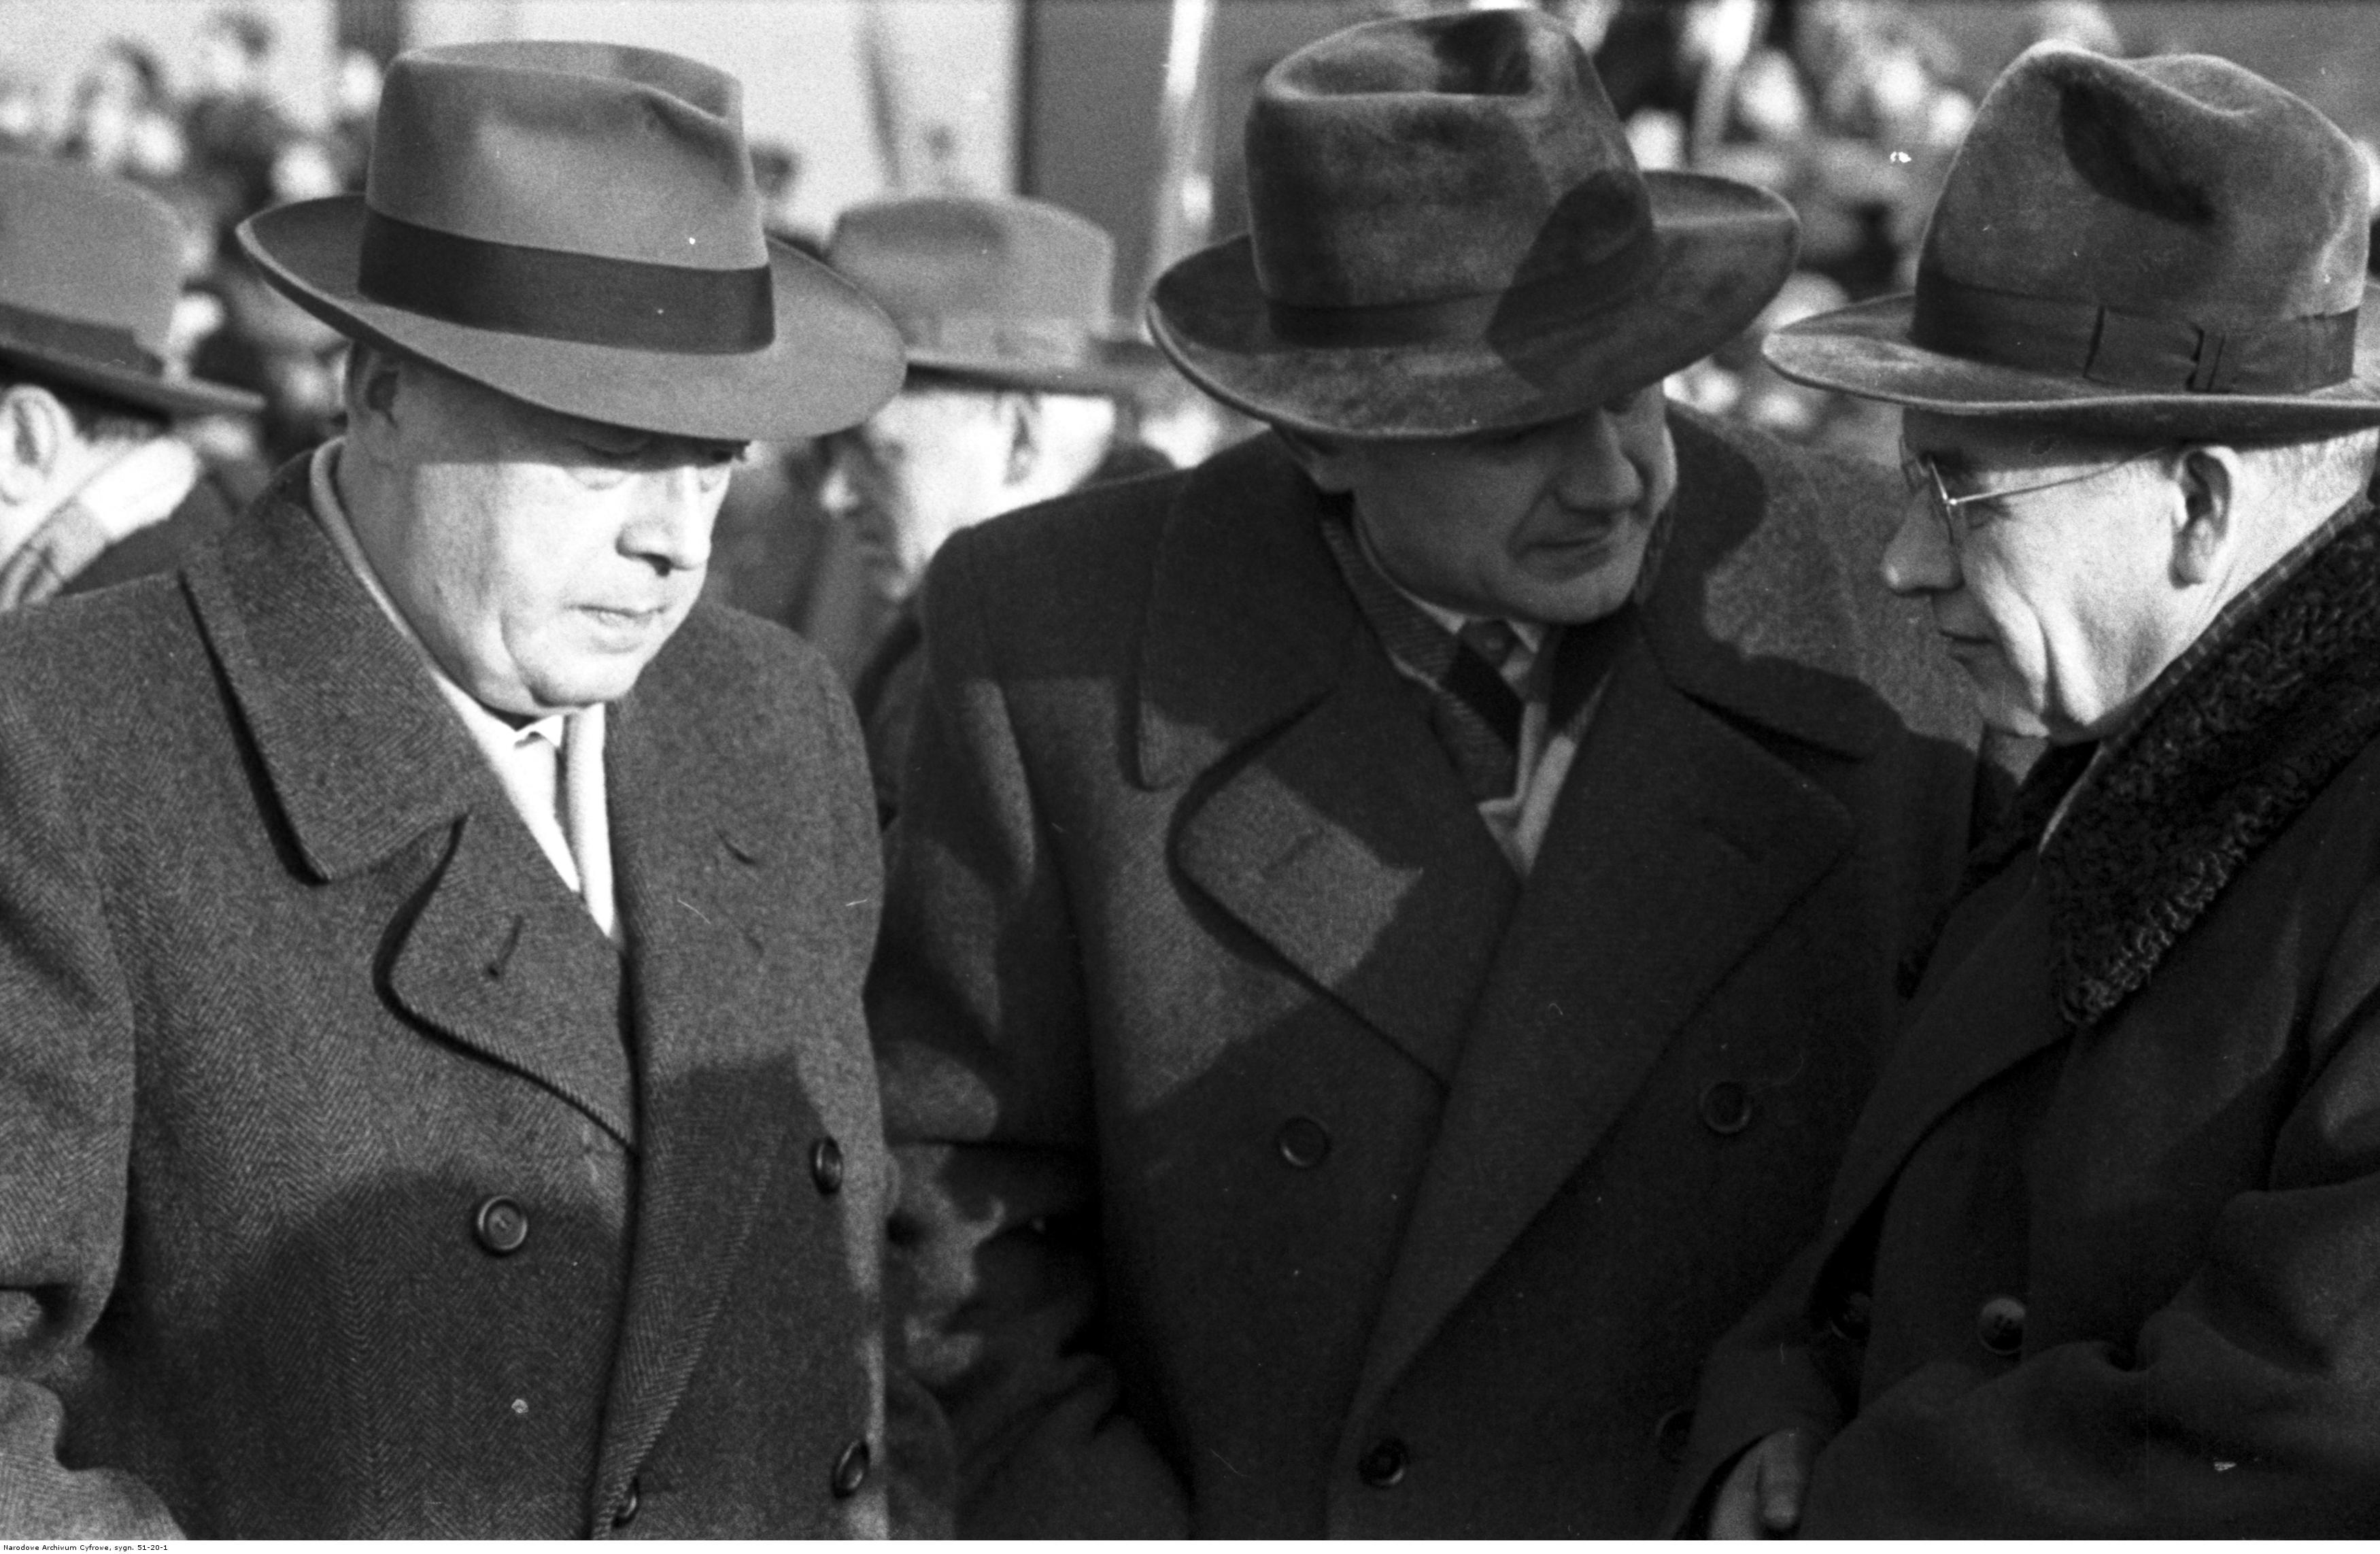 Od lewej stoją: Józef Cyrankiewicz, Piotr Jaroszewicz i Władysław Gomułka (fot. Narodowe Archiwum Cyfrowe)